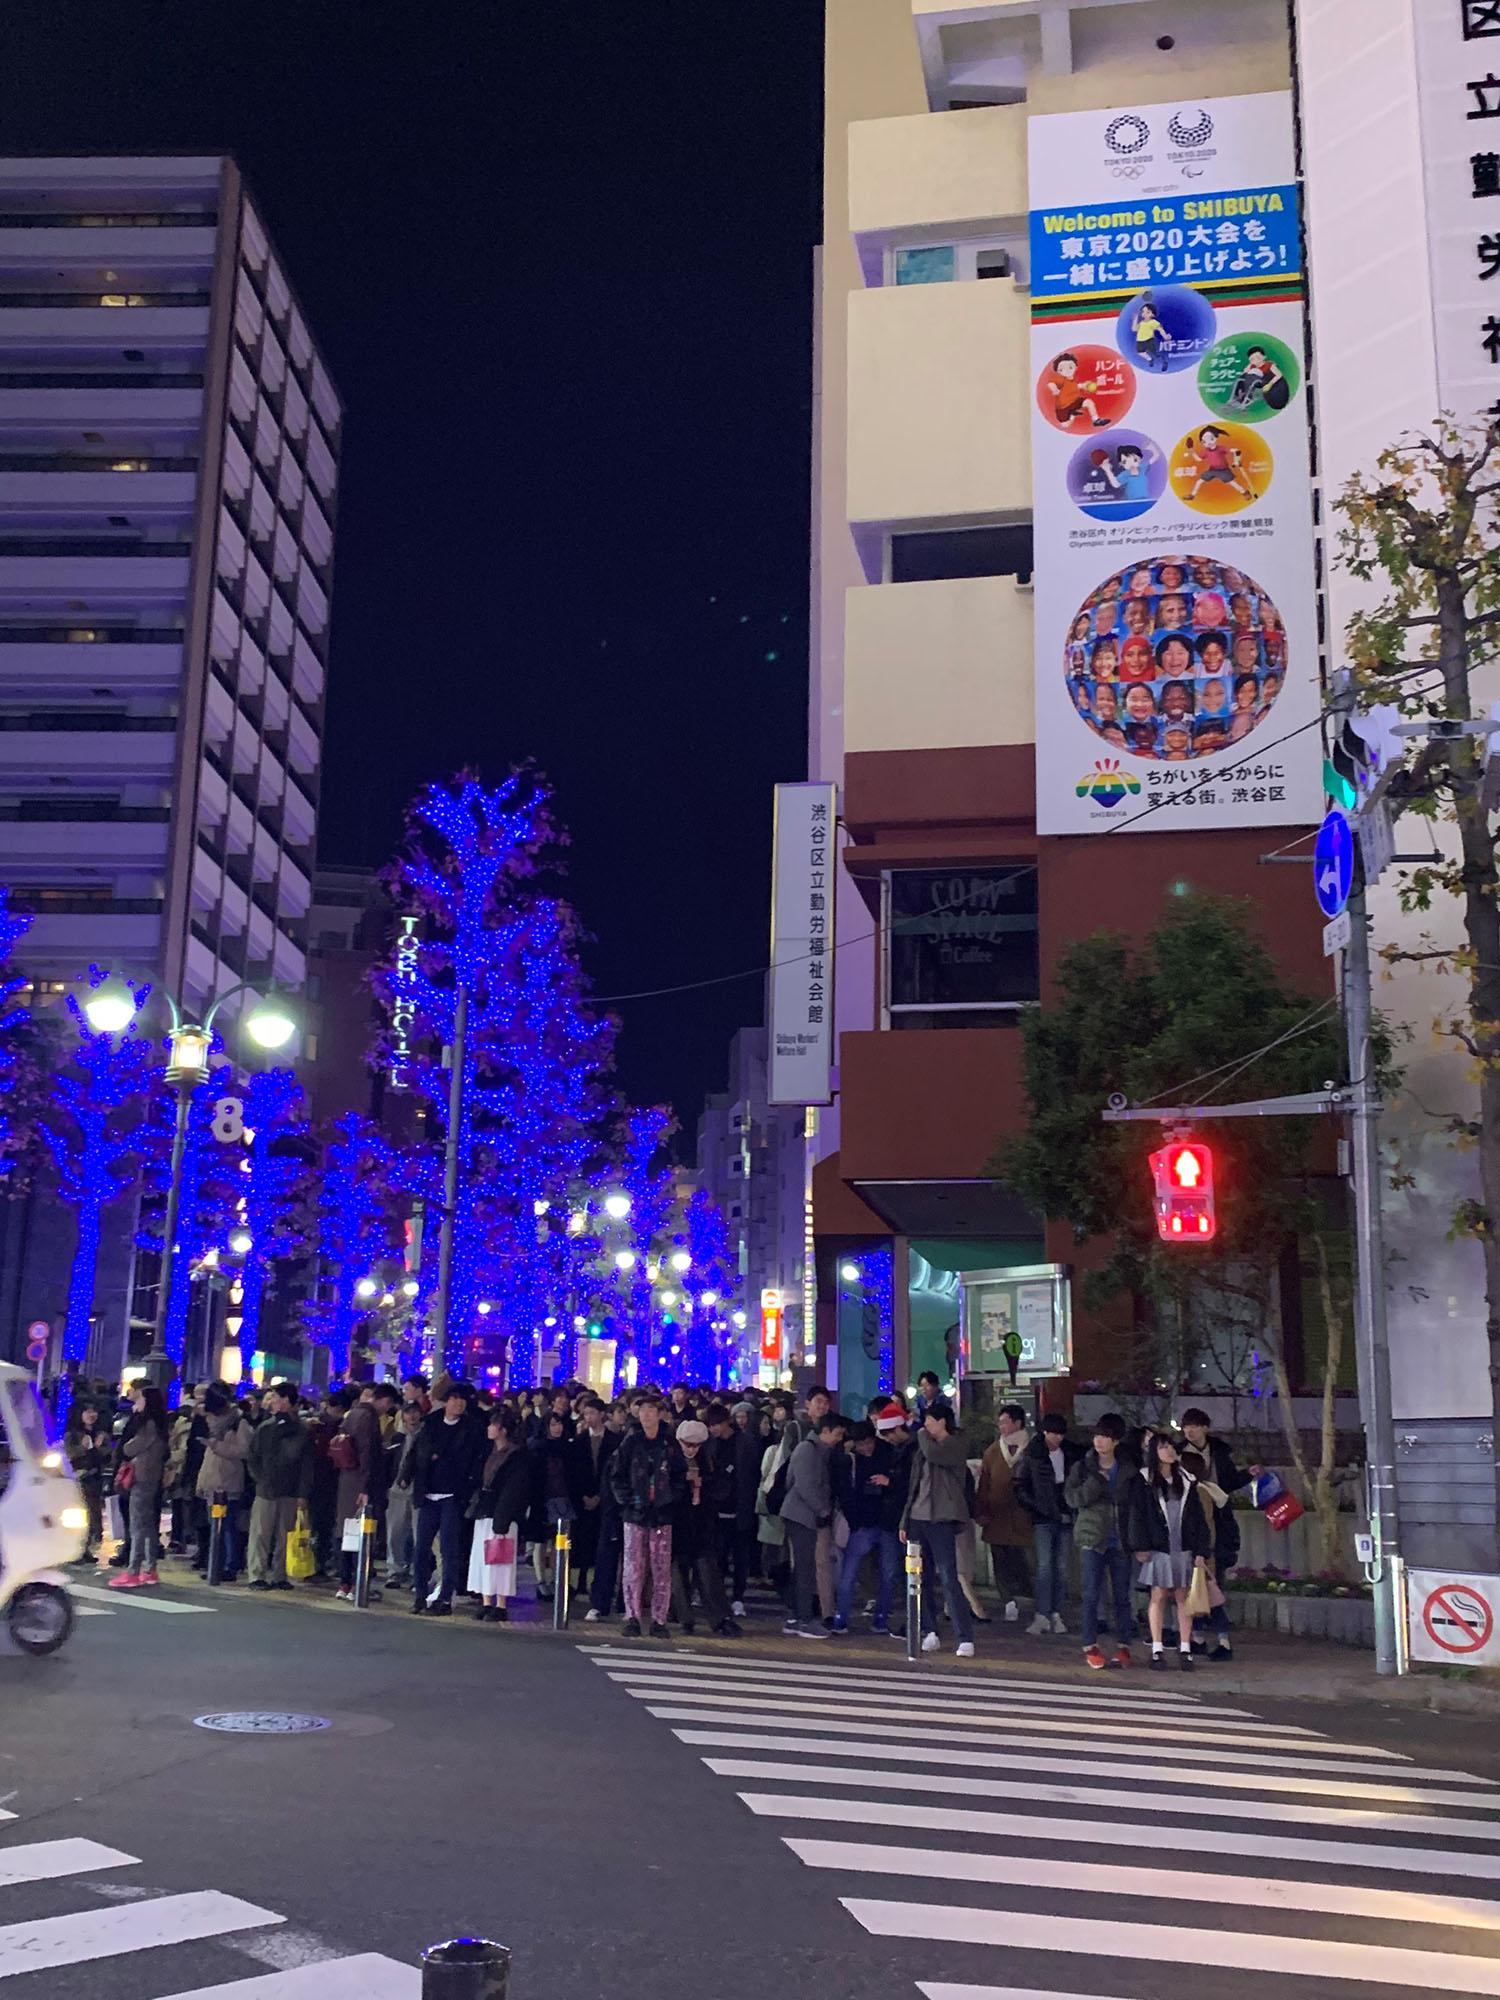 平安夜等待过马路的东京民众。 澎湃新闻记者 王昕然 图(摄于2019年)